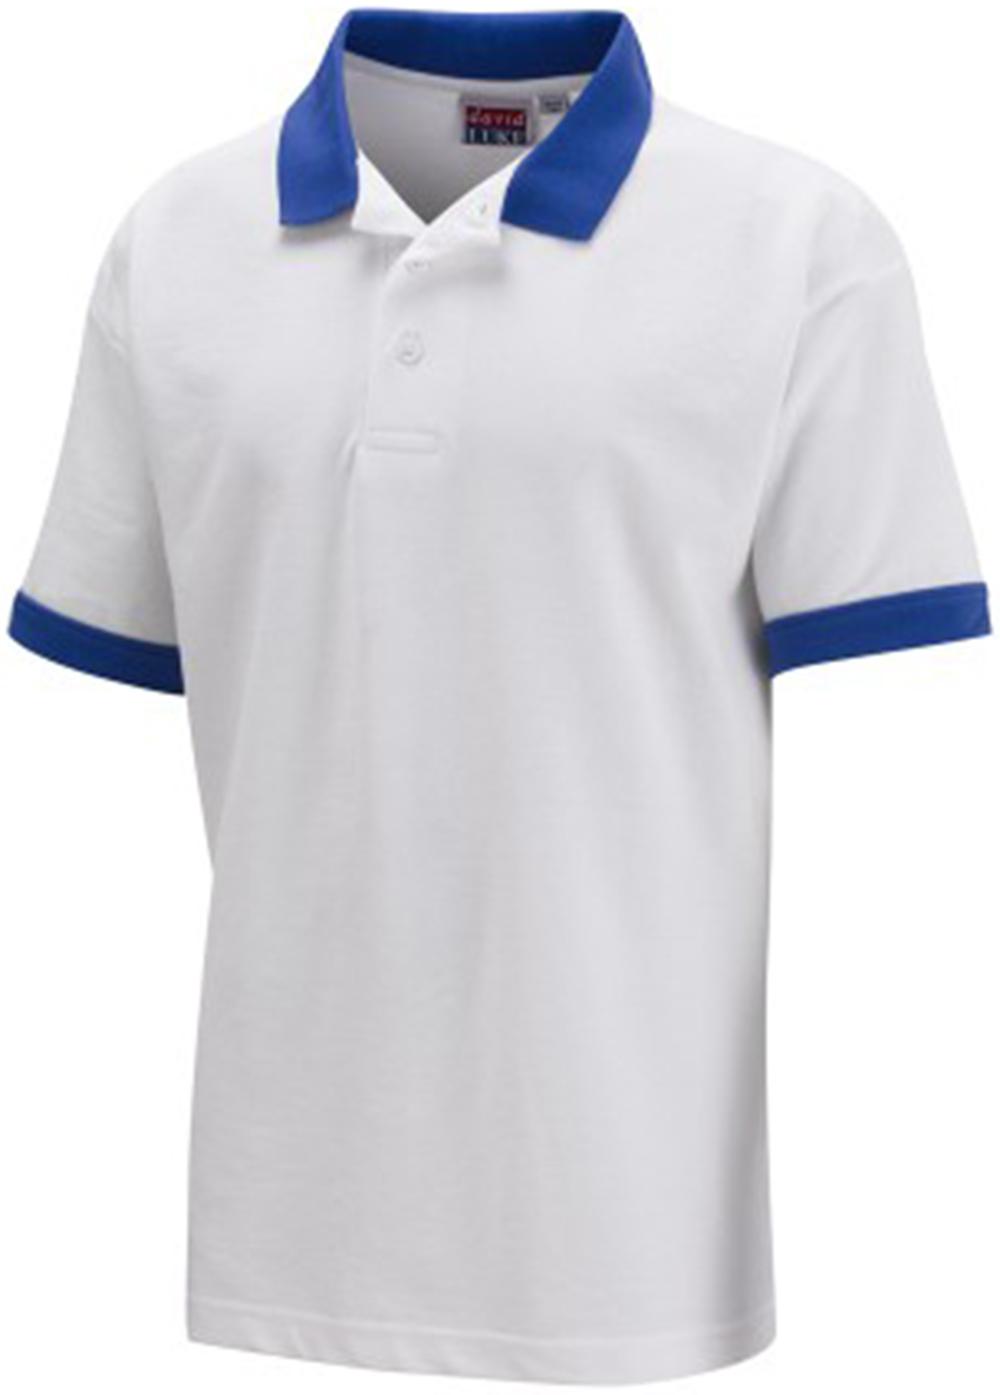 Kids School Wear Children School Uniform Shirt Contrast Collar Cuff Poloshirt UK